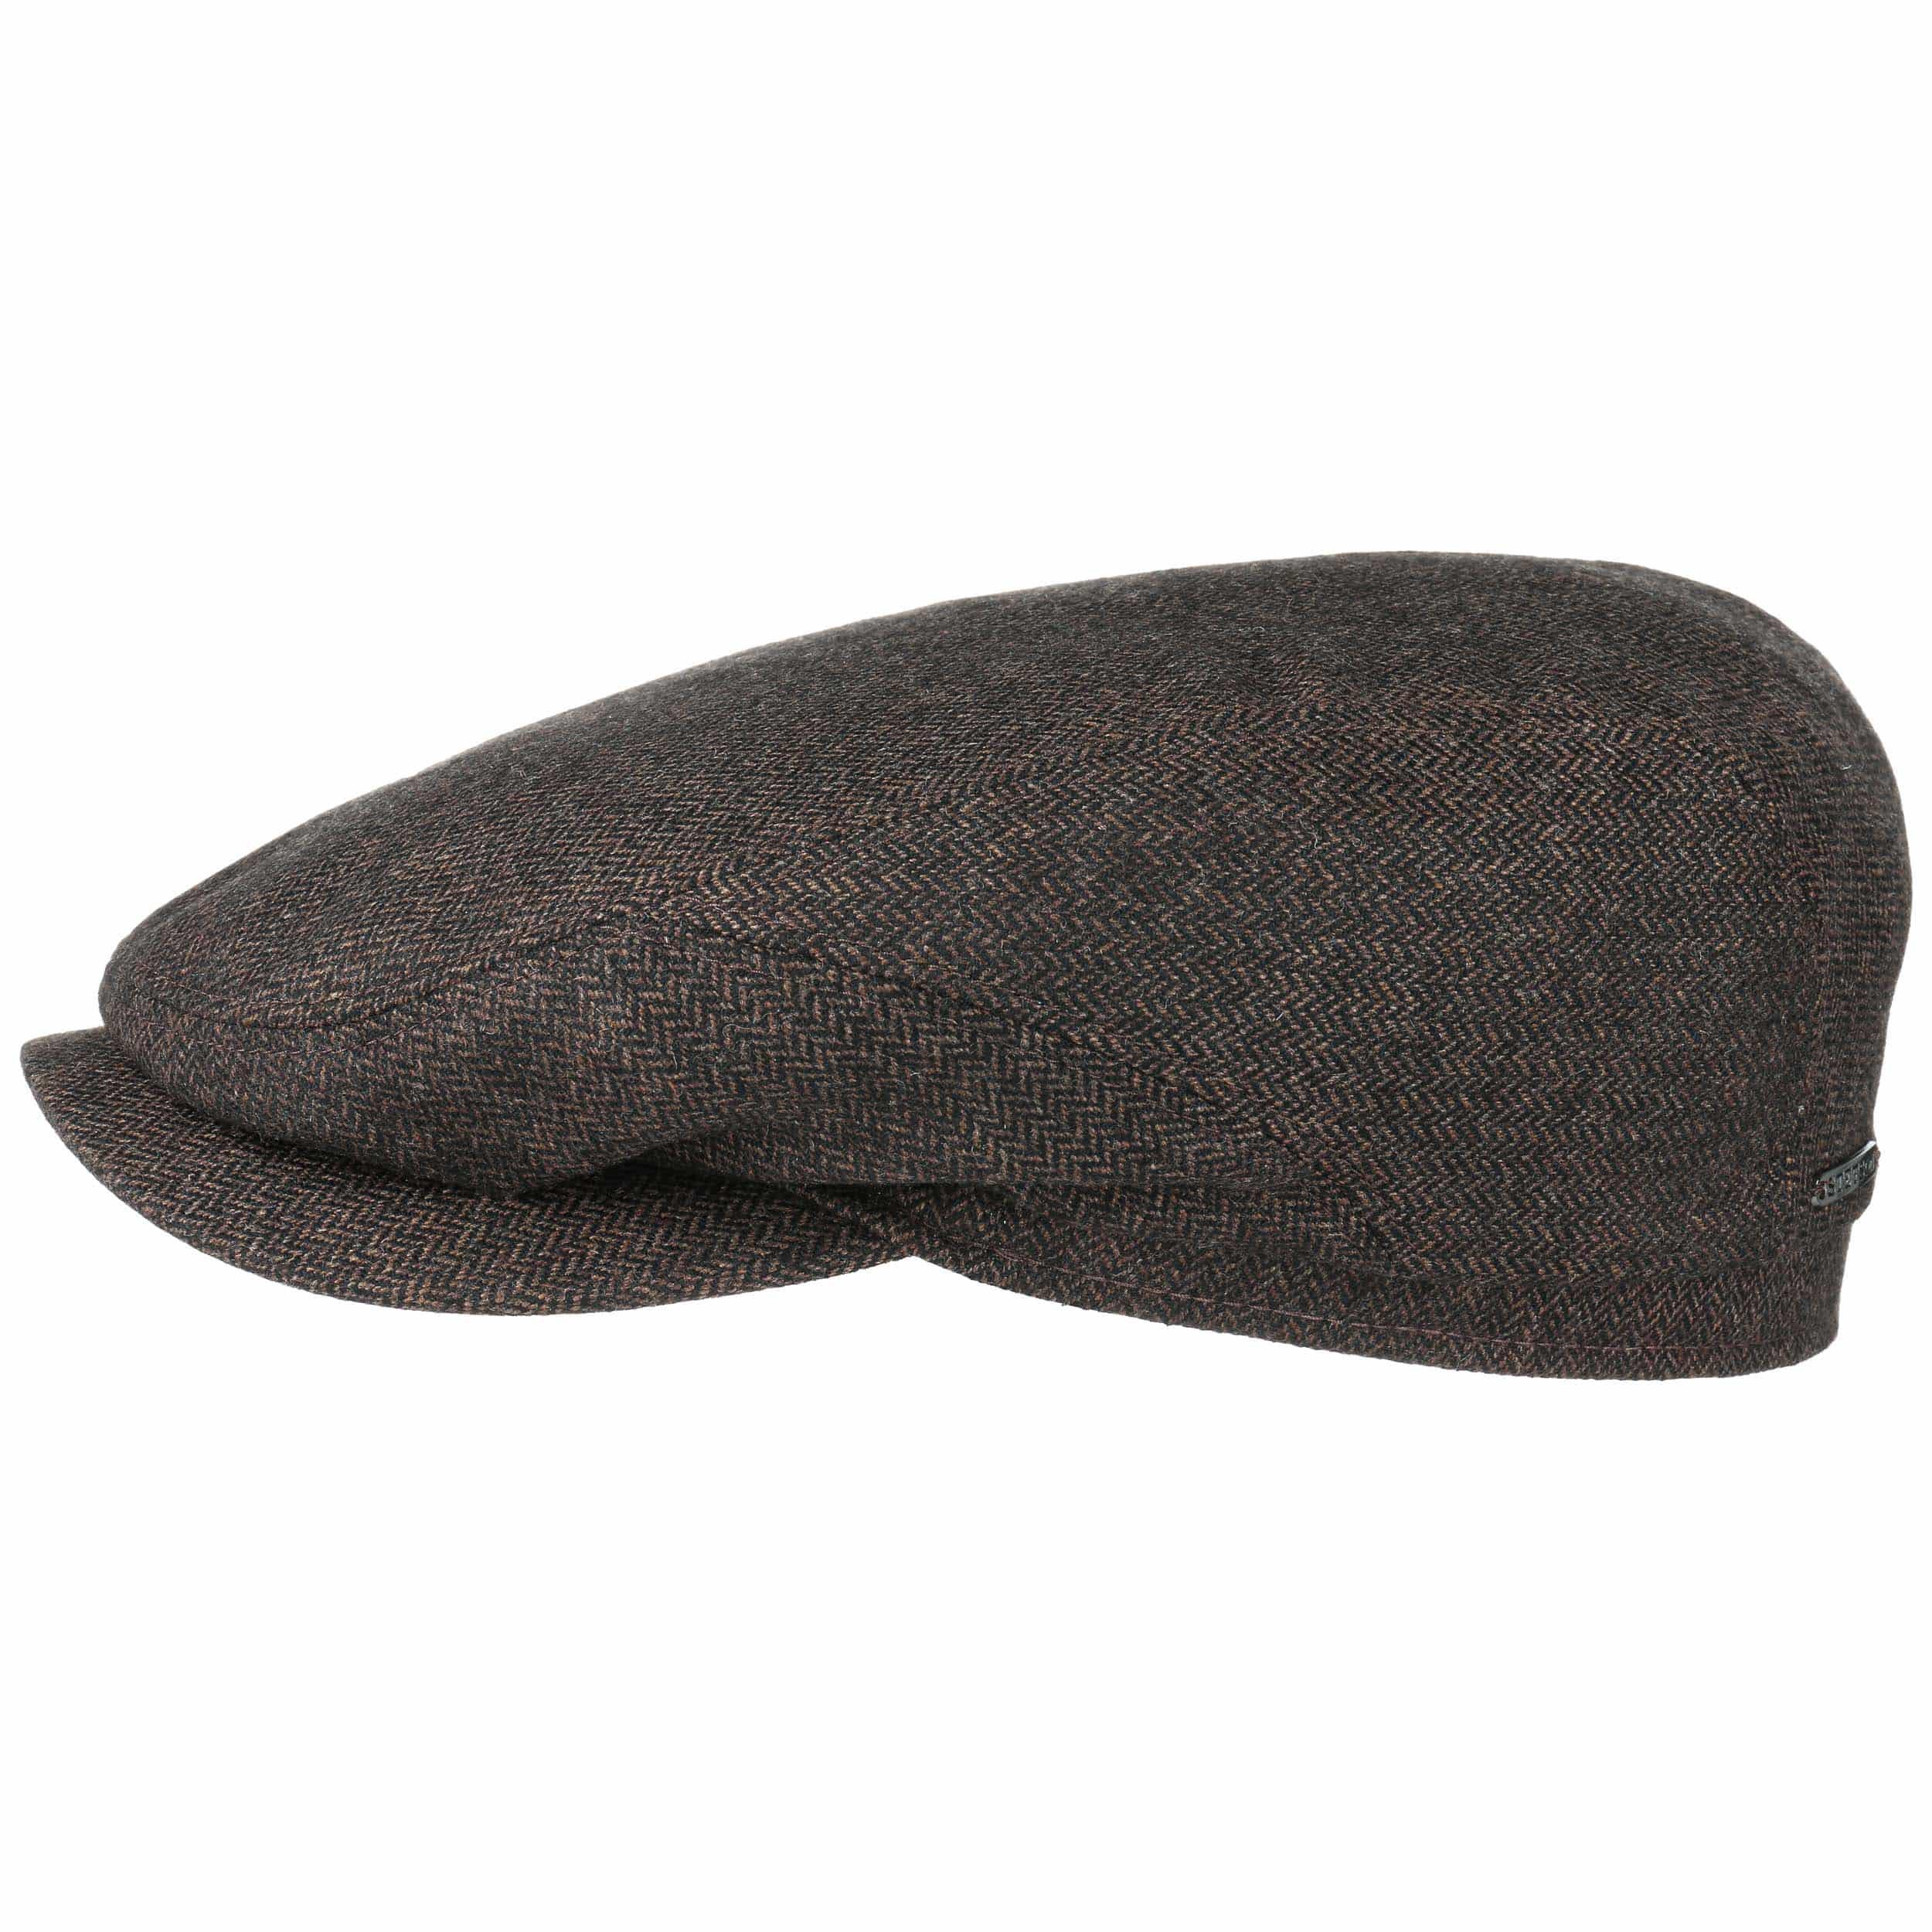 3ce03a3173222 Gorra Belfast Cashmere by Stetson - Gorras - sombreroshop.es